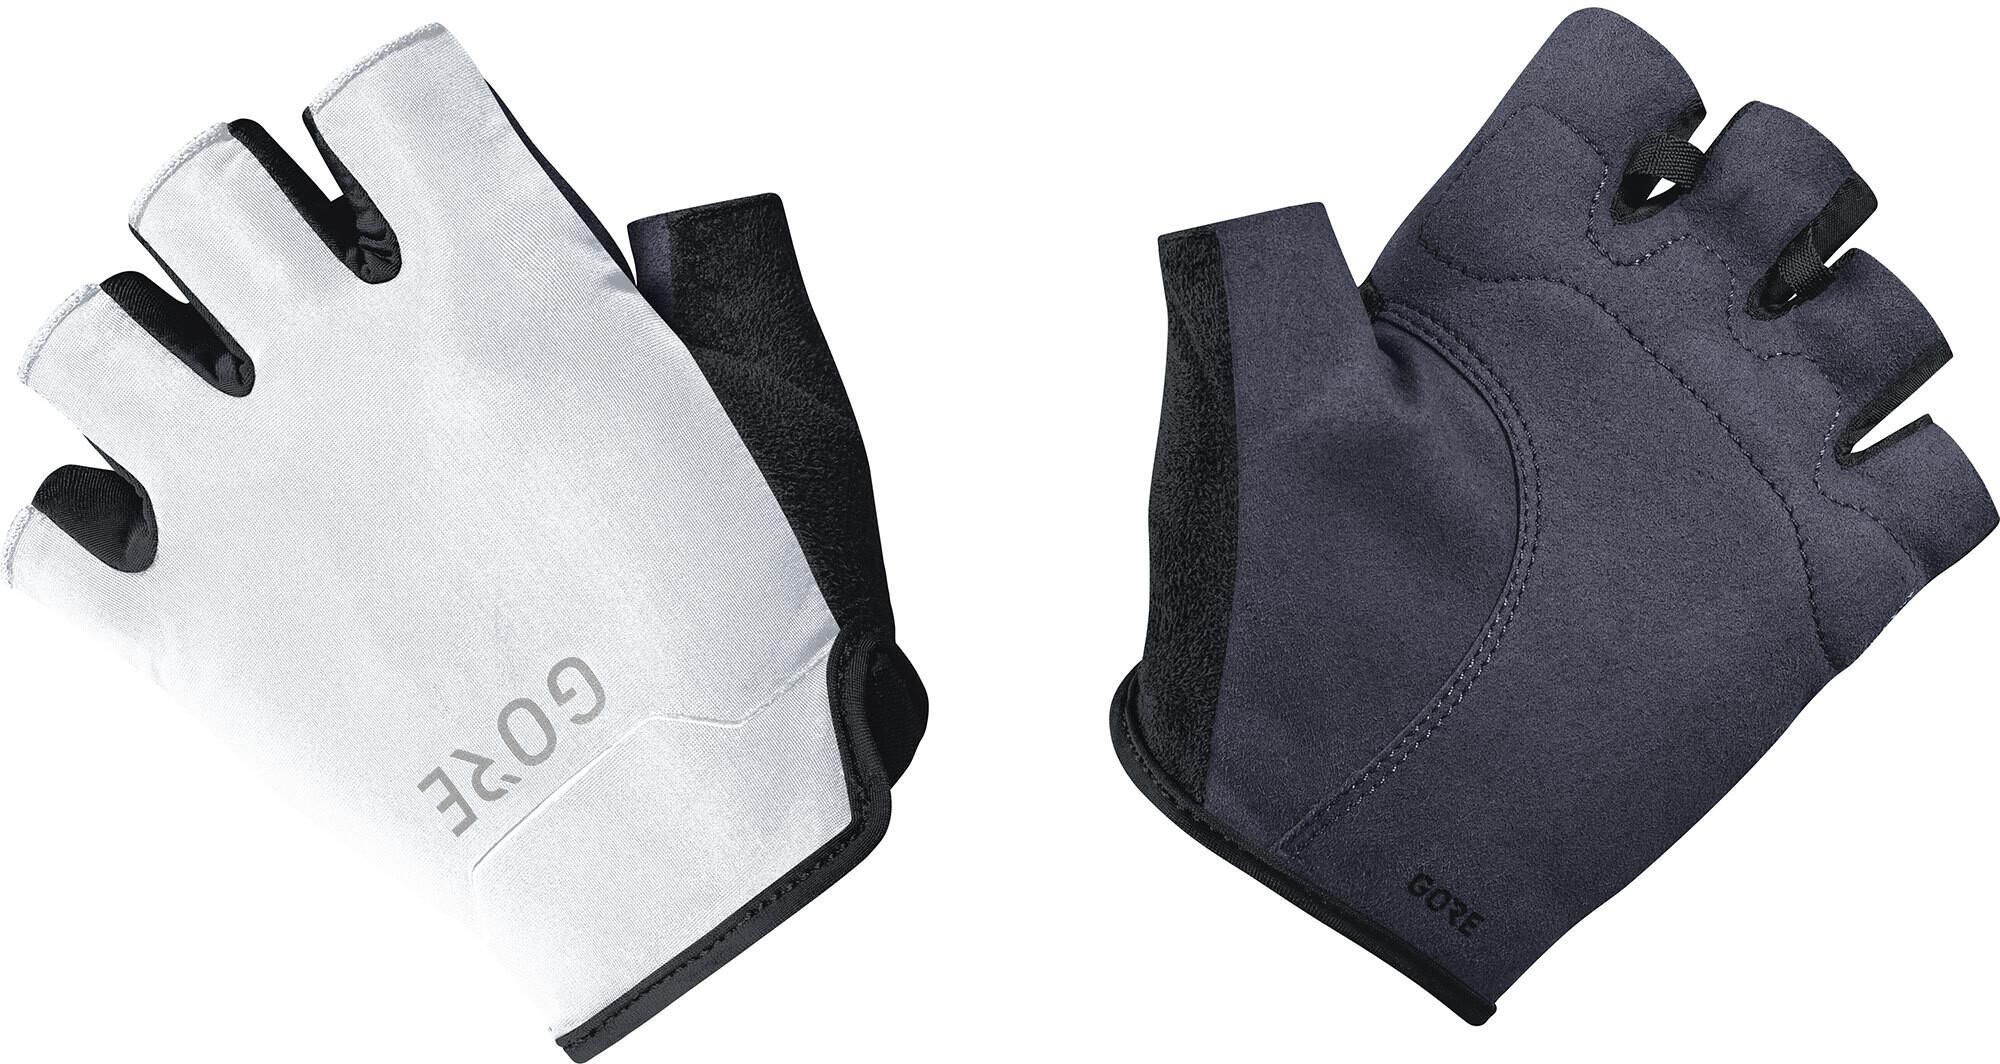 GORE Wear C3 Urban - Gloves | Gloves